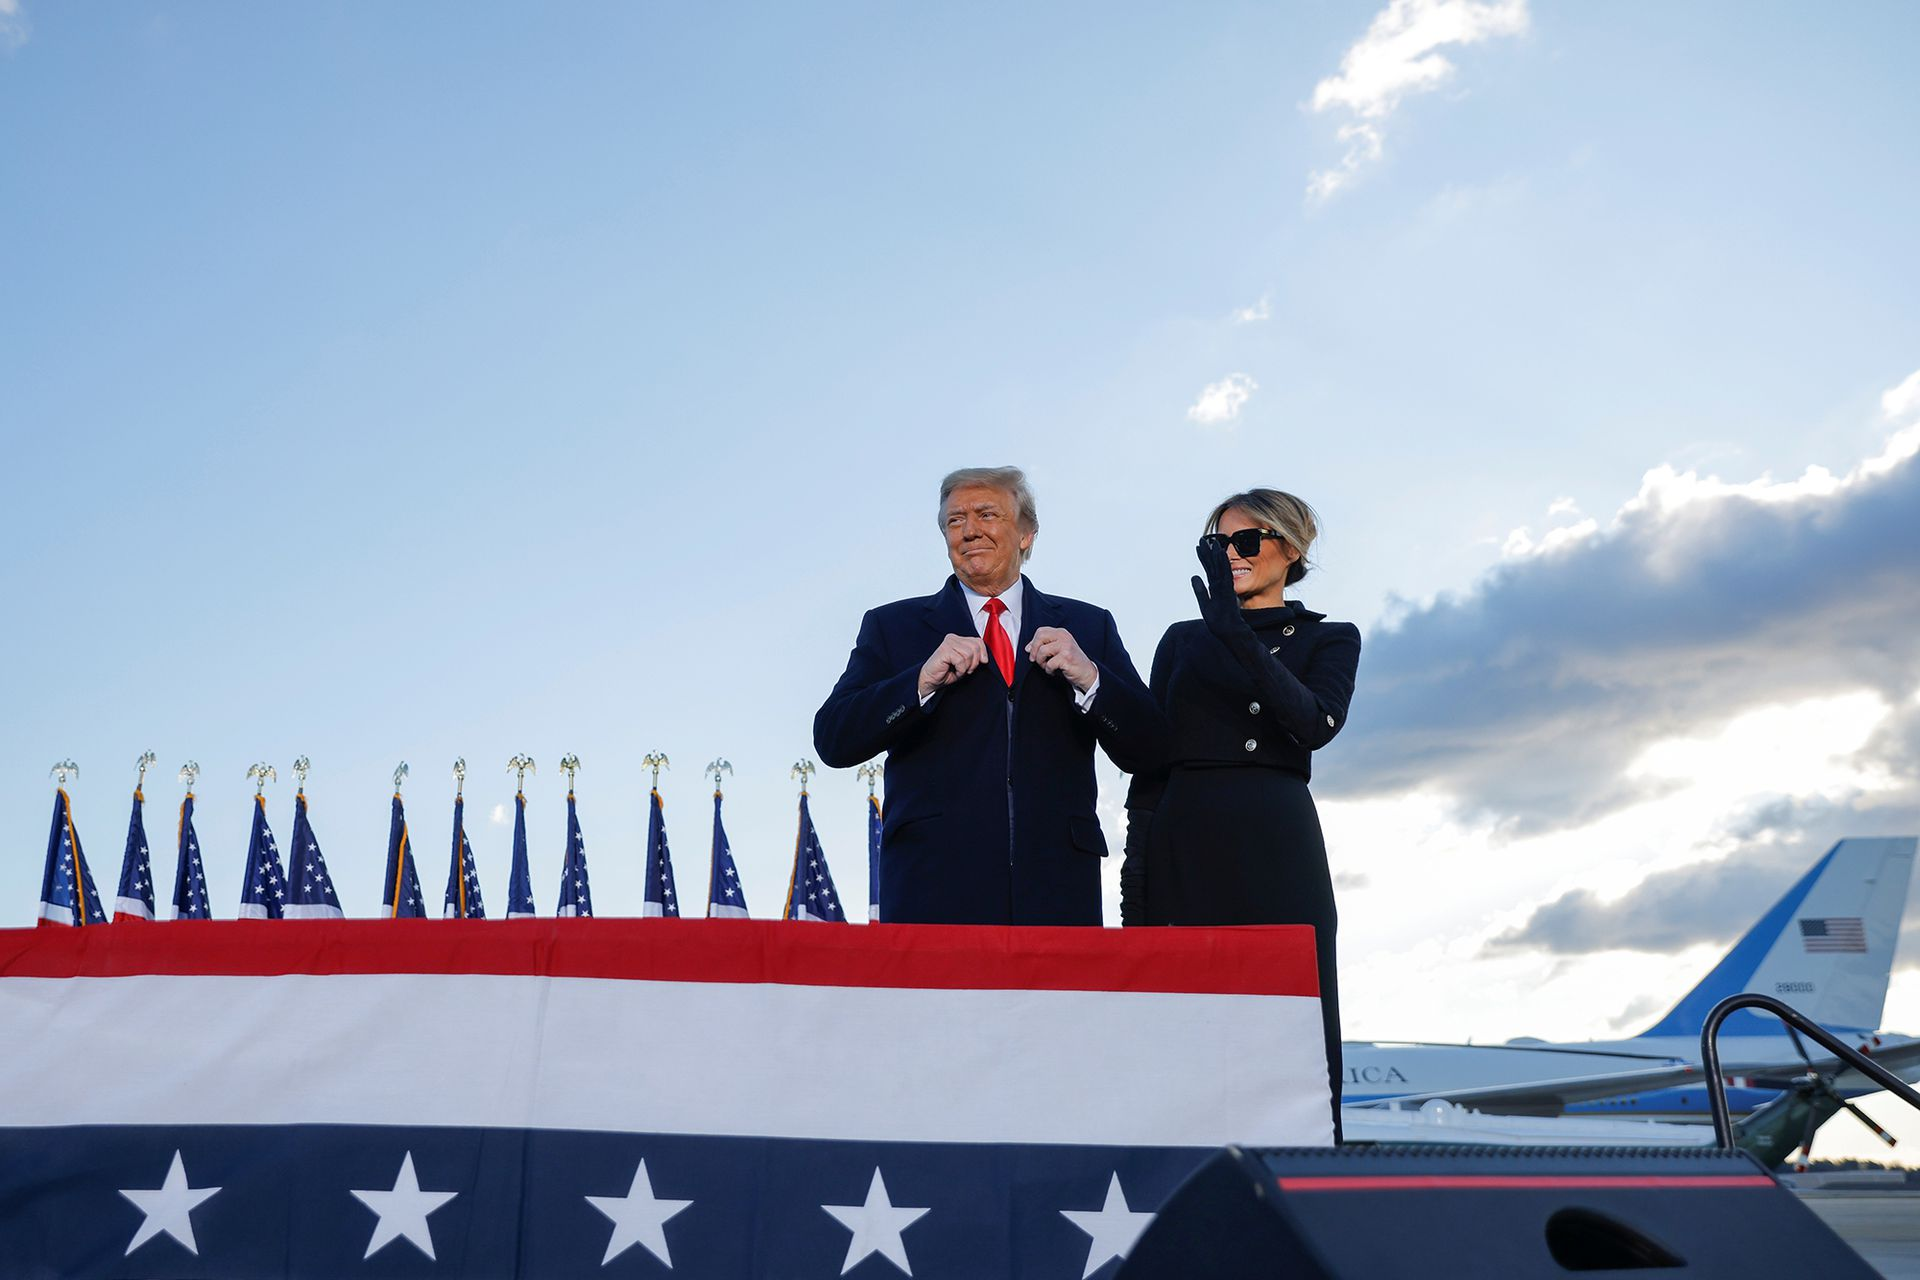 El presidente estadounidense Donald Trump llega junto a la primera dama Melania Trump a la base conjunta Andrews, Maryland